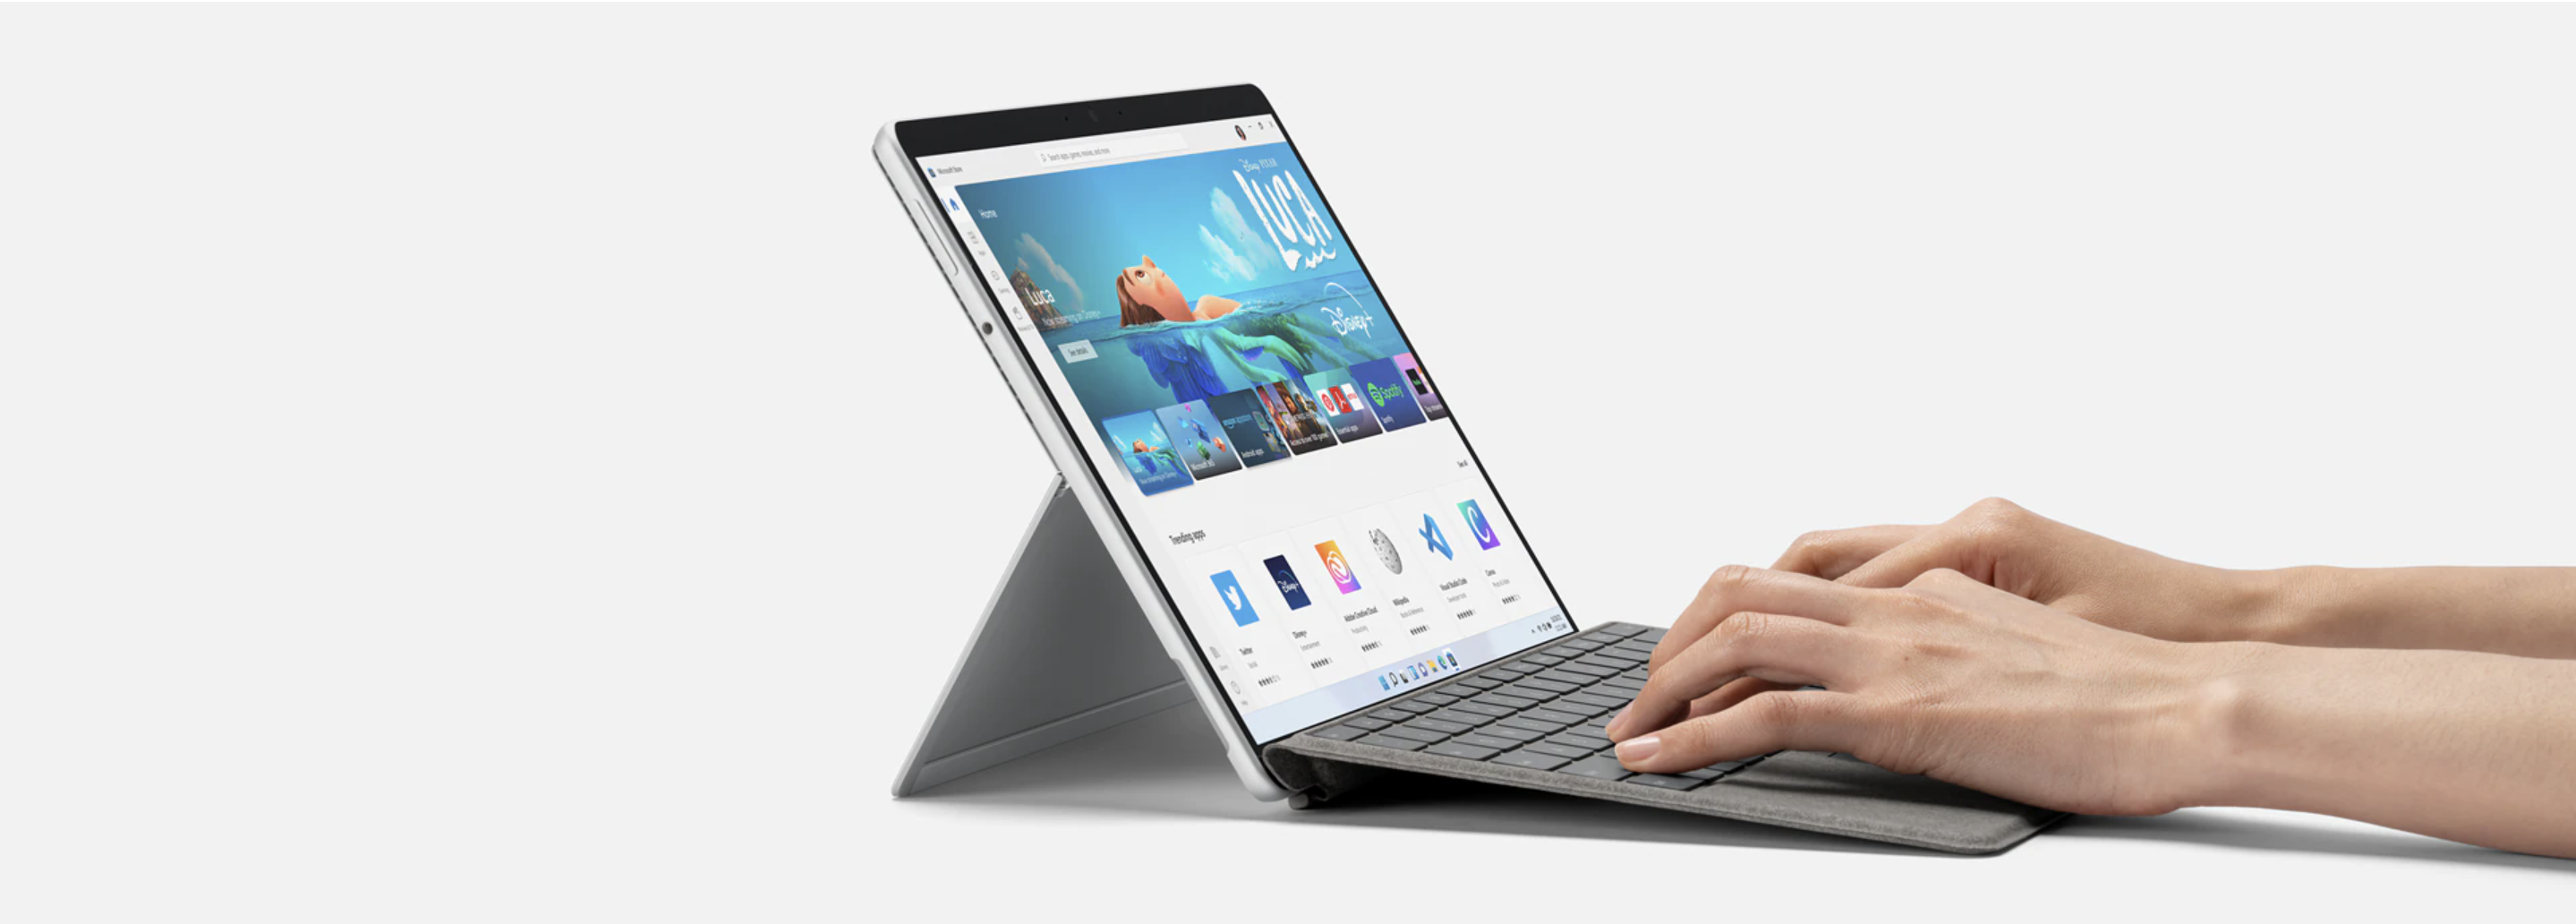 Surface Pro Signature Keyboard_laptopvang